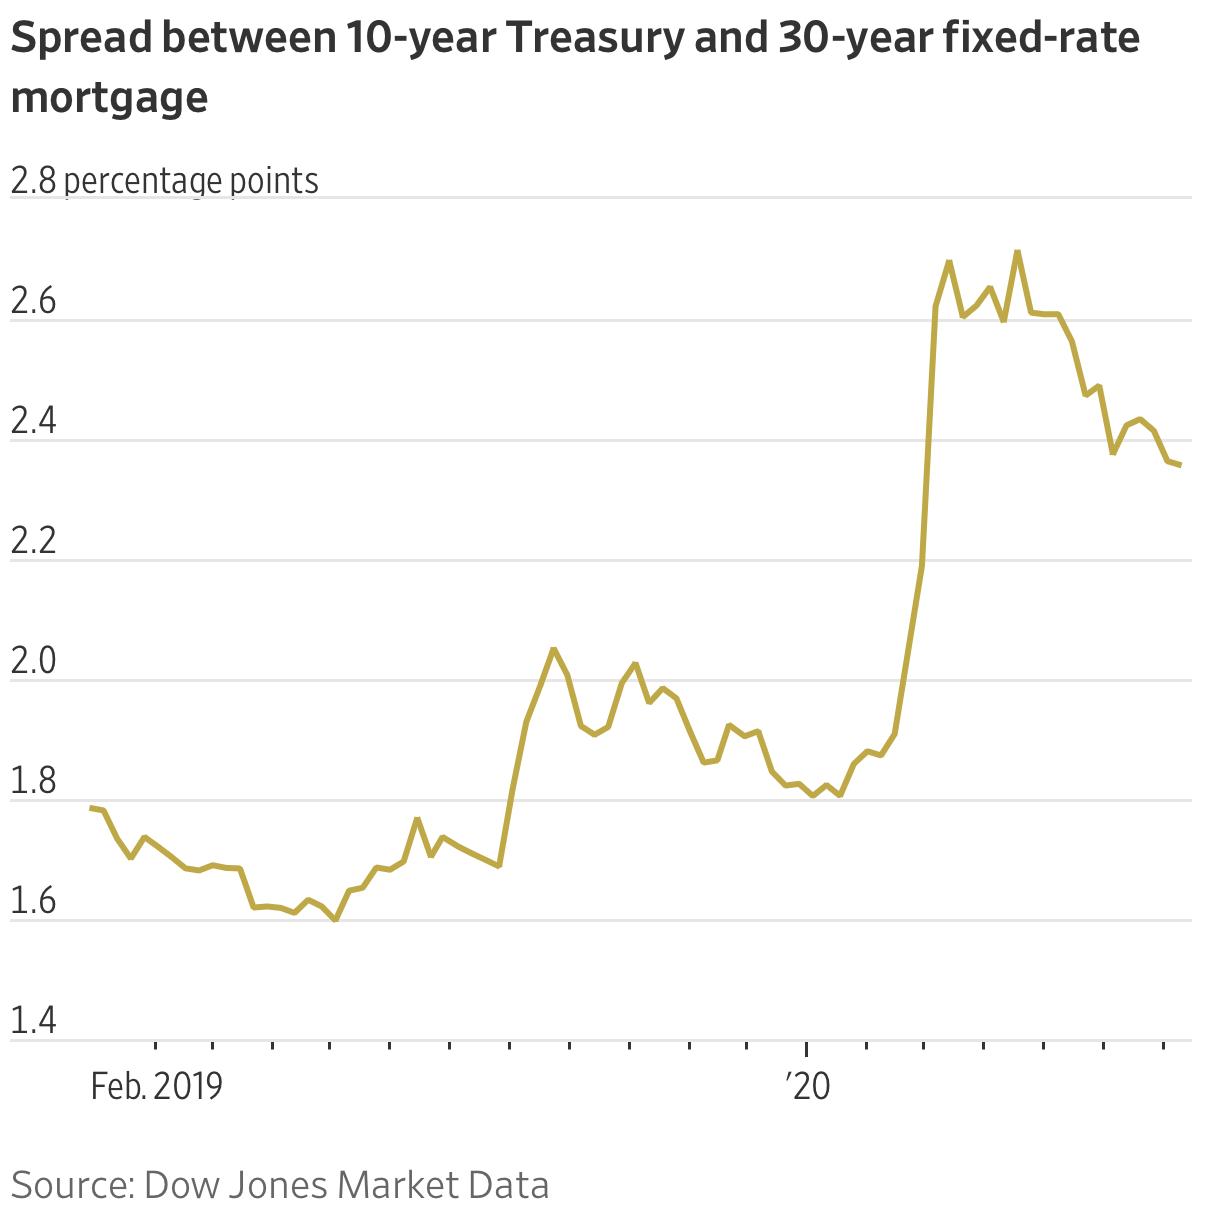 Spread entre tesouraria de 10 anos e hipoteca de taxa fixa de 30 anos